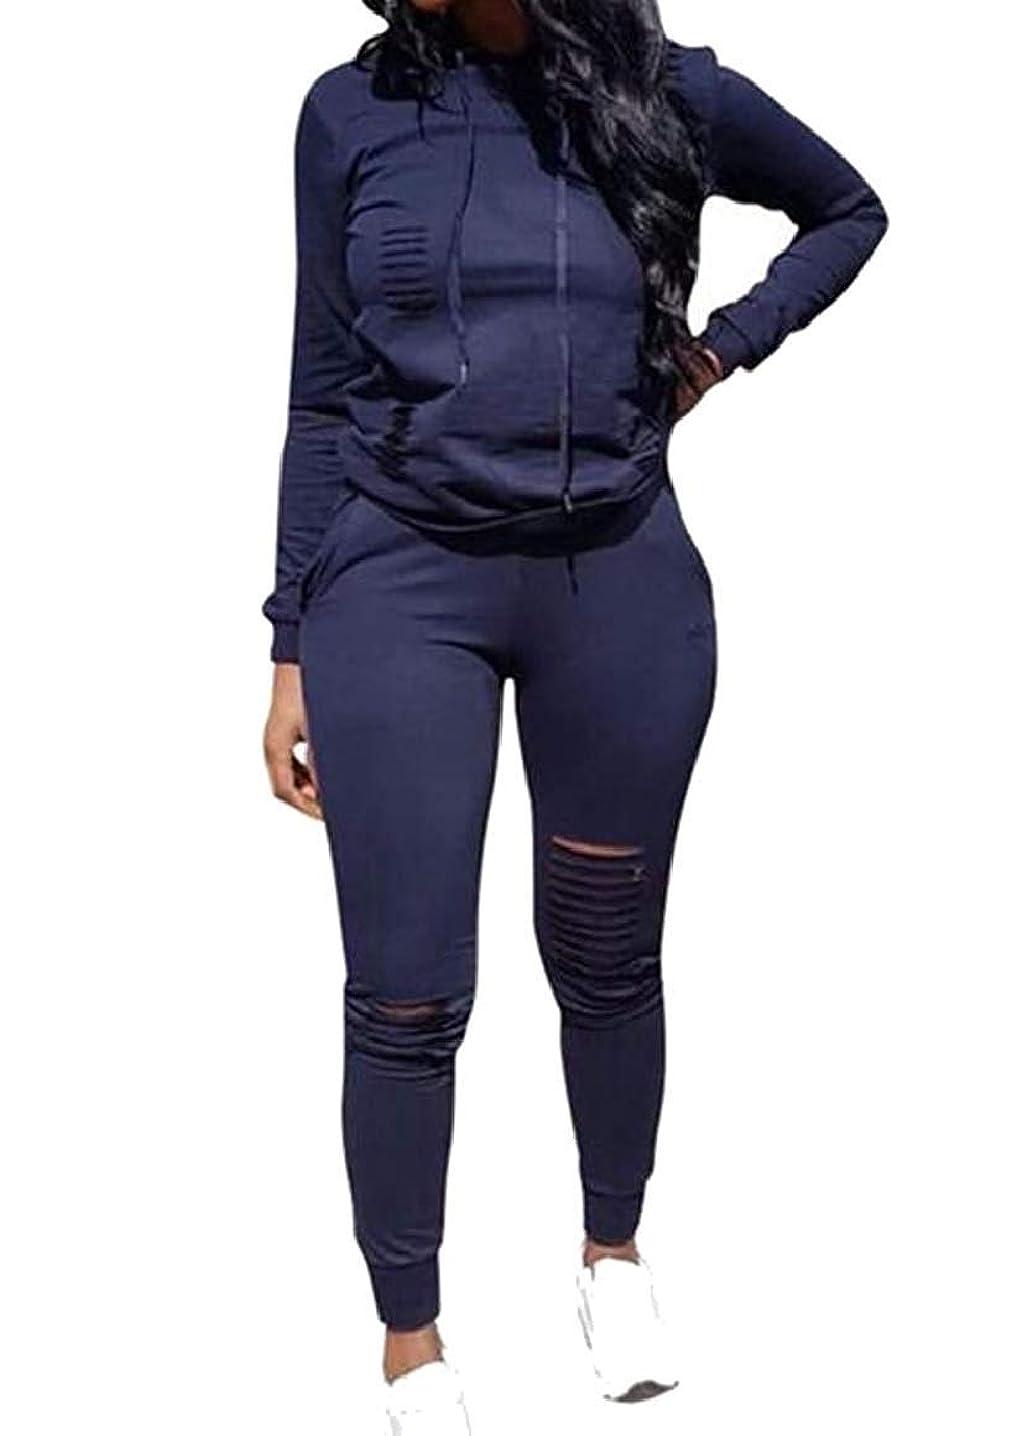 ガム翻訳する干し草女性ドローストリングフード付きソリッドカラー2ピースセットワークアウトホール衣装 1 US X-Small